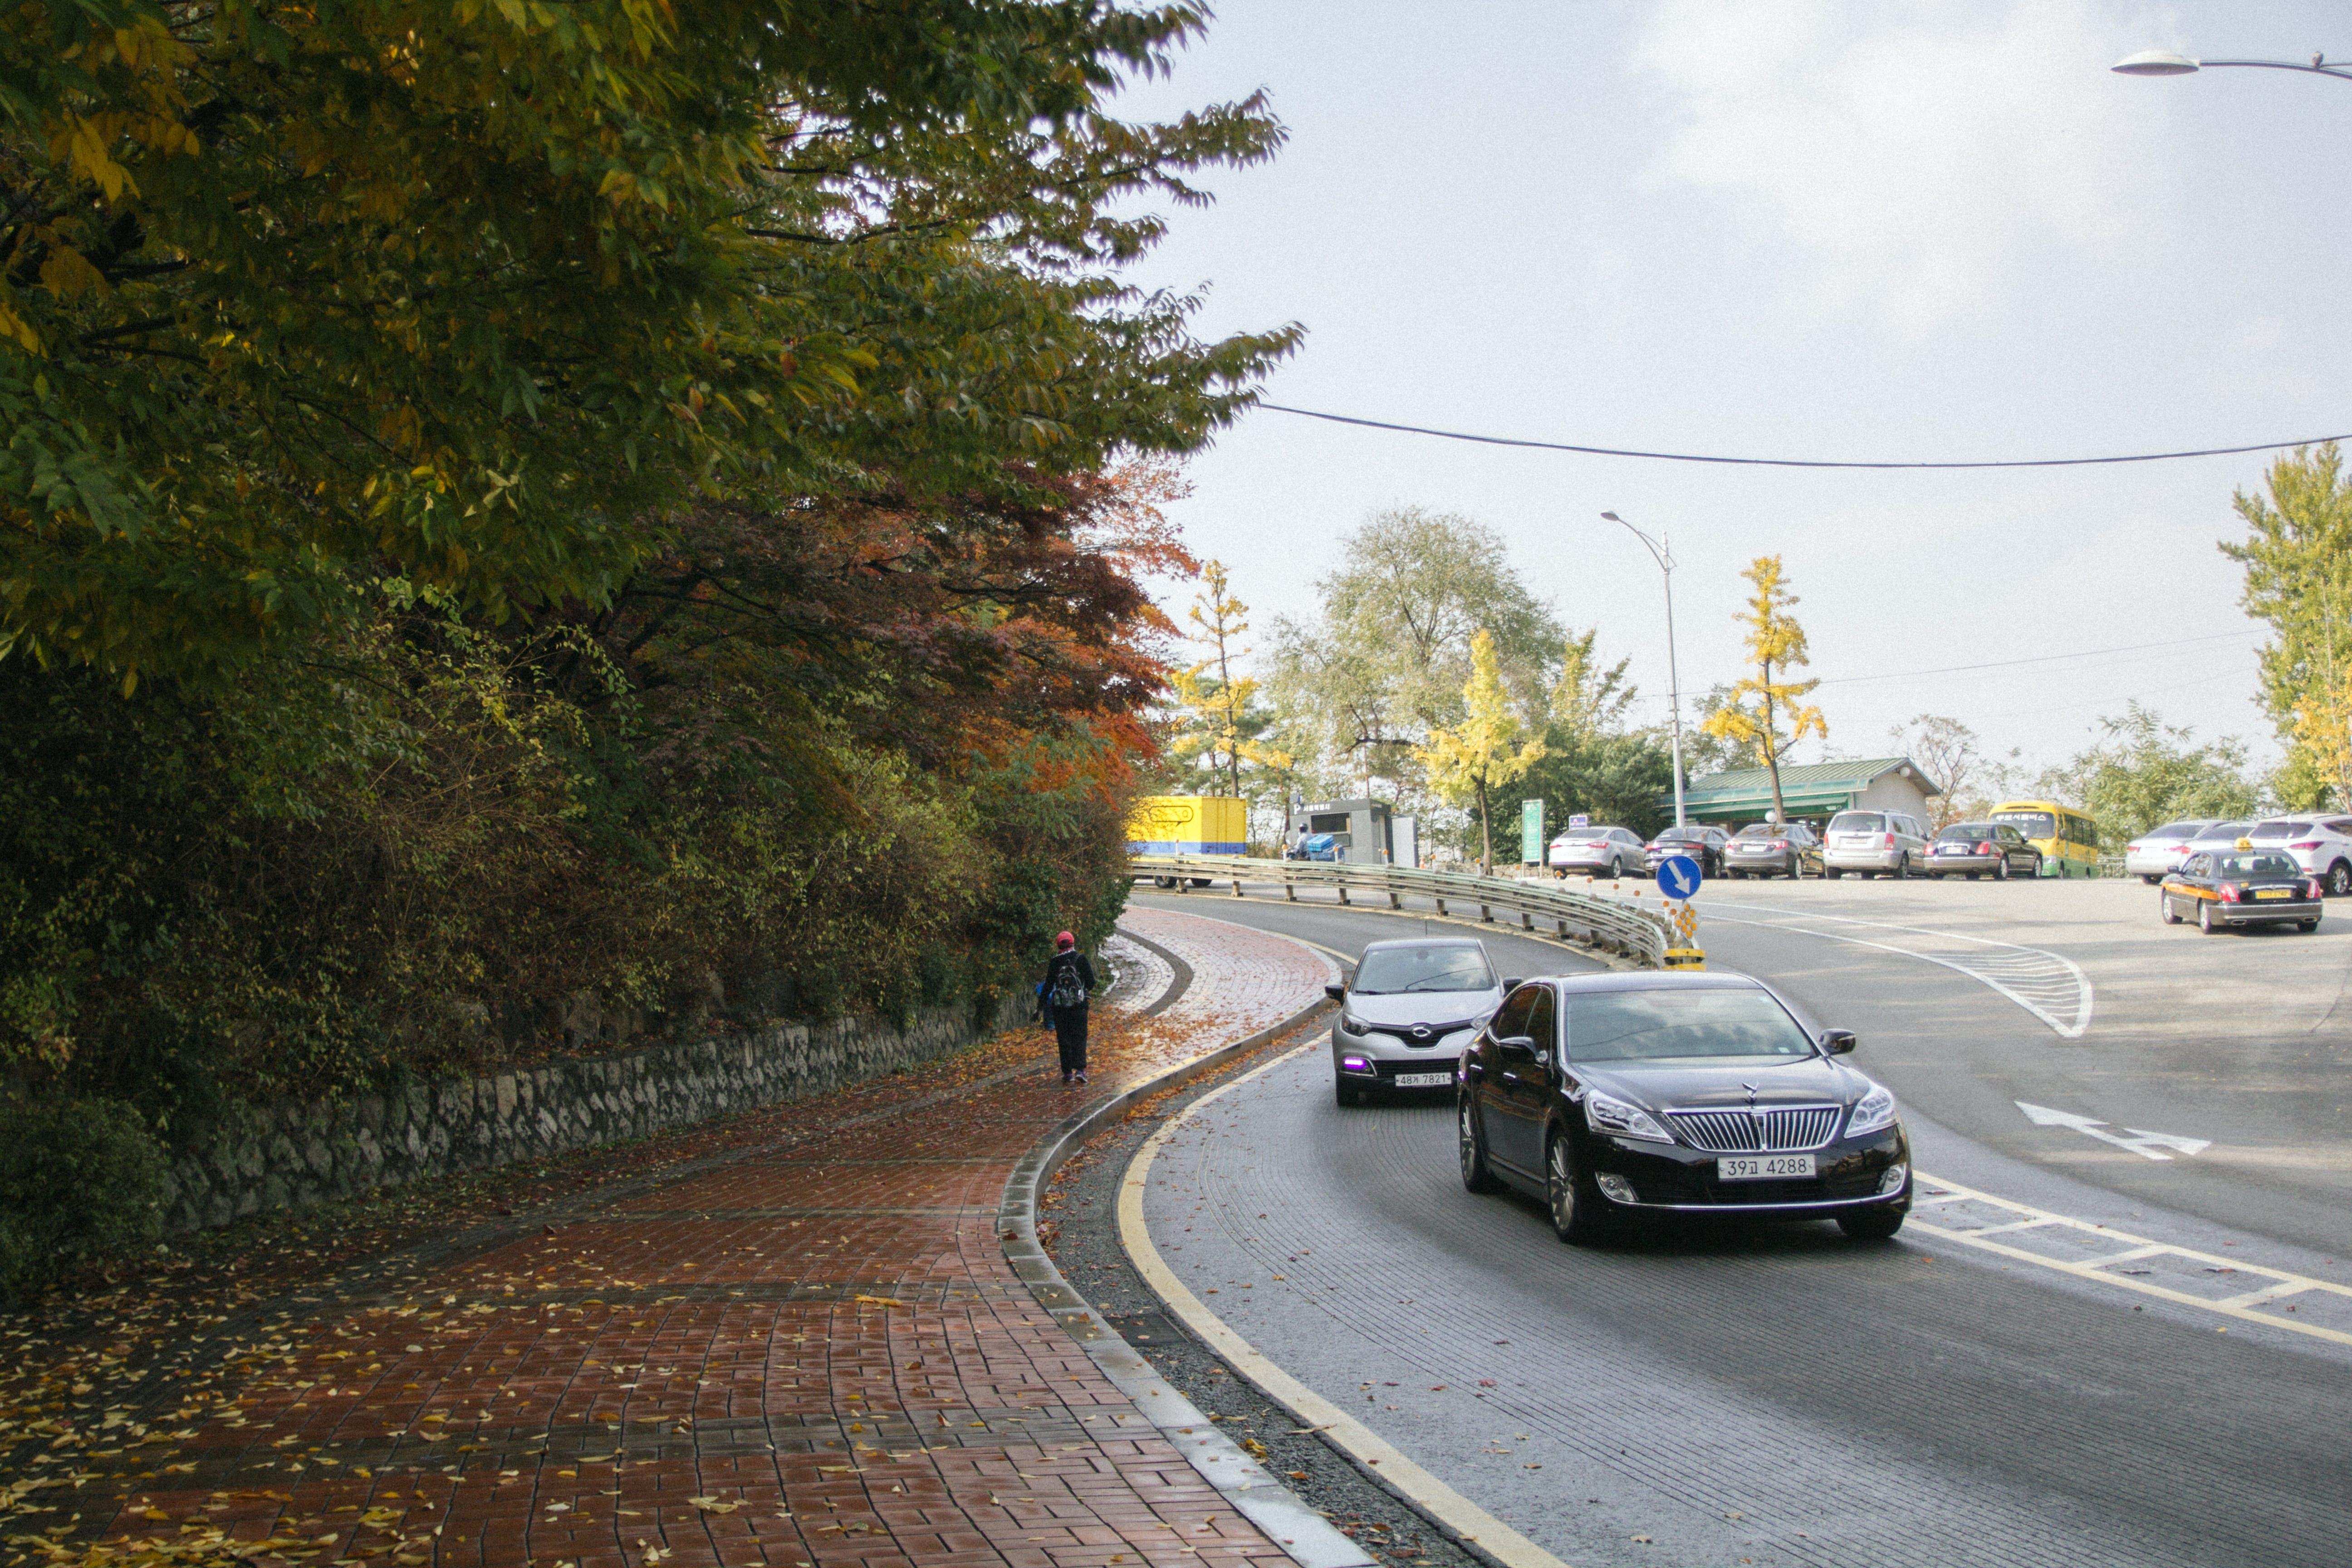 asfalt, bil, biler